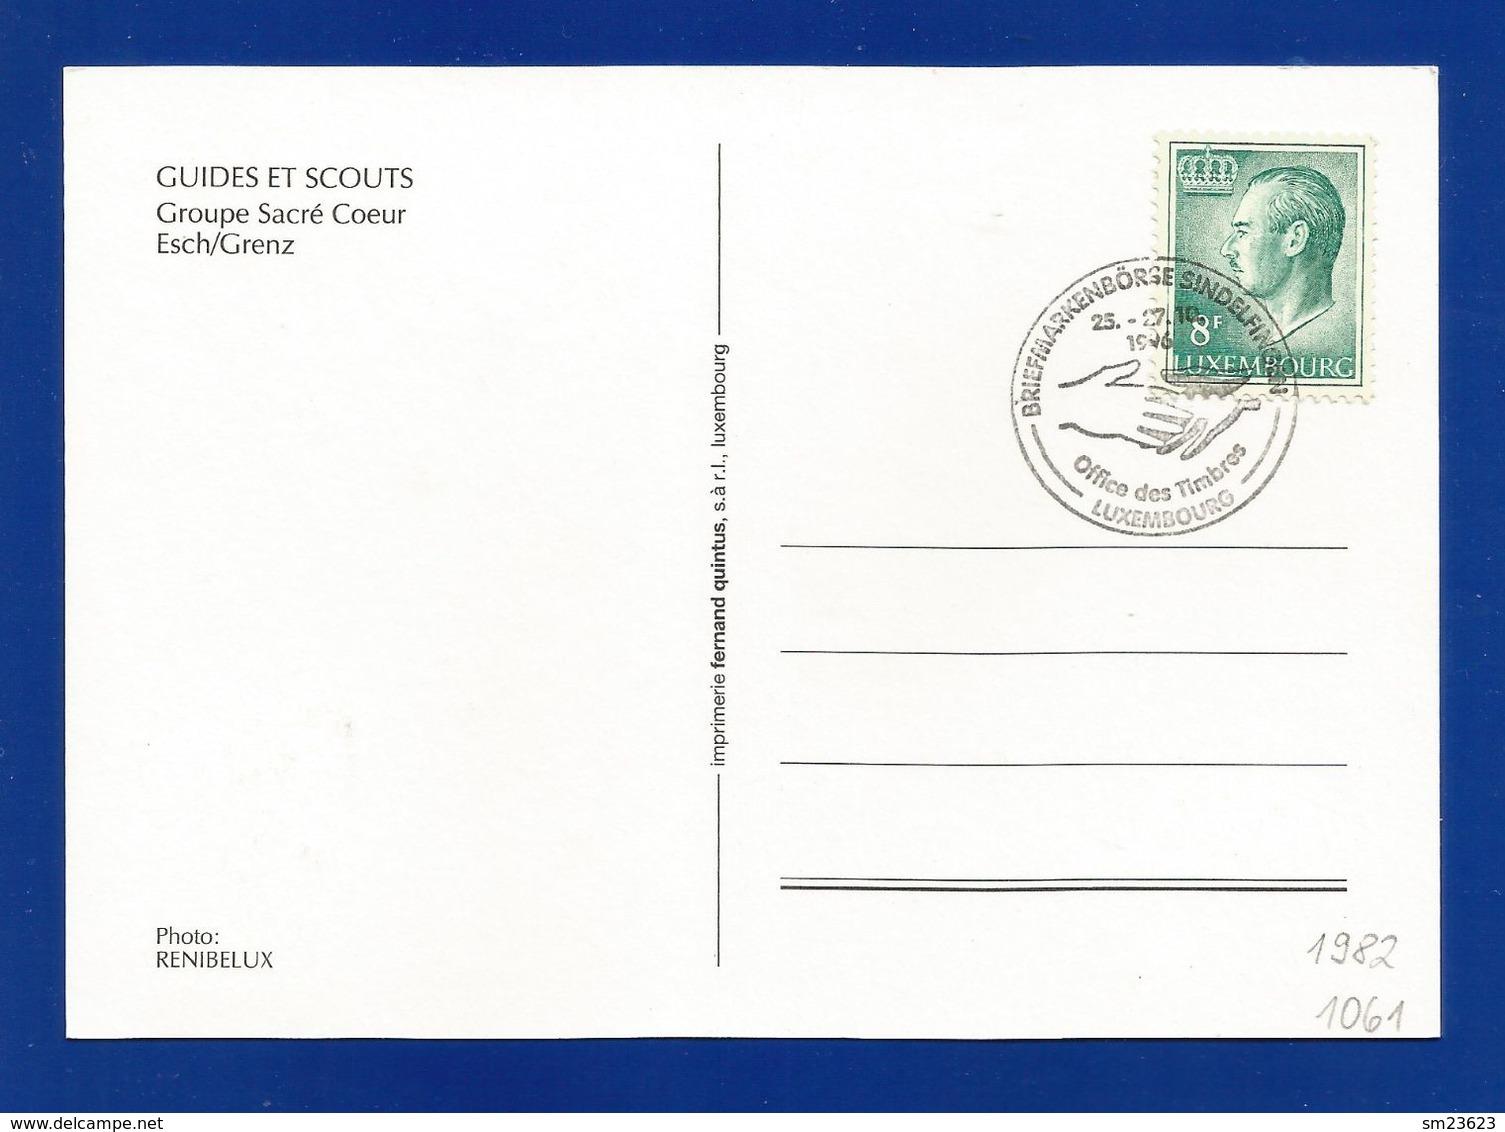 Luxemburg 1982  Mi.Nr. 1061 , Guides Et Scouts - Groupe Sacre Coeur Esch/Grenz - Maximum Card - S Stempel 25.-27.10.1996 - Maximumkarten